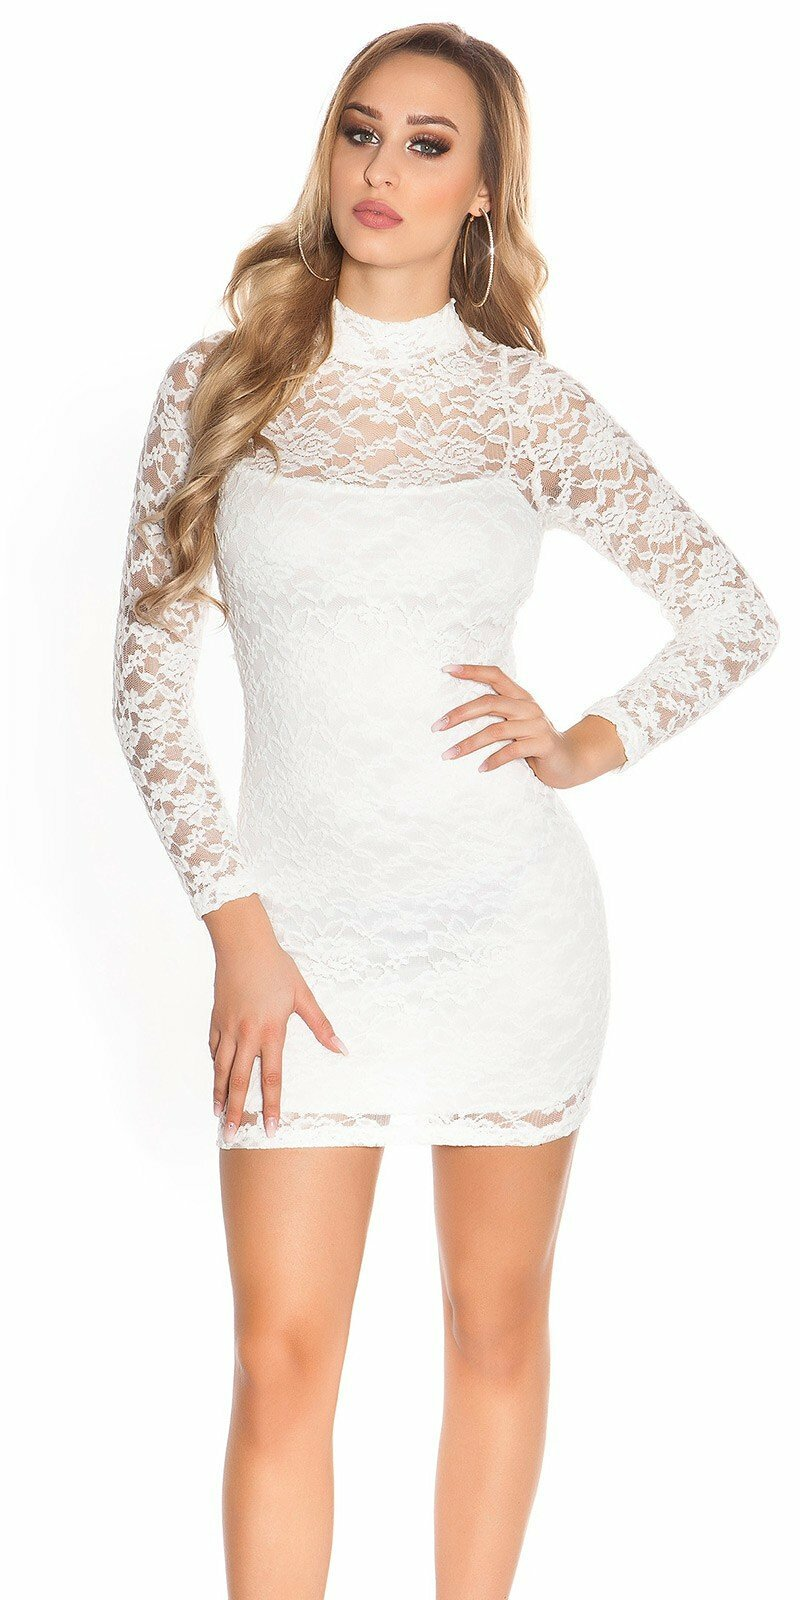 66c6964e15a3 Čipkované šaty s dlhým rukávom  Veľkosť Univerzálna (XS S M) Farba